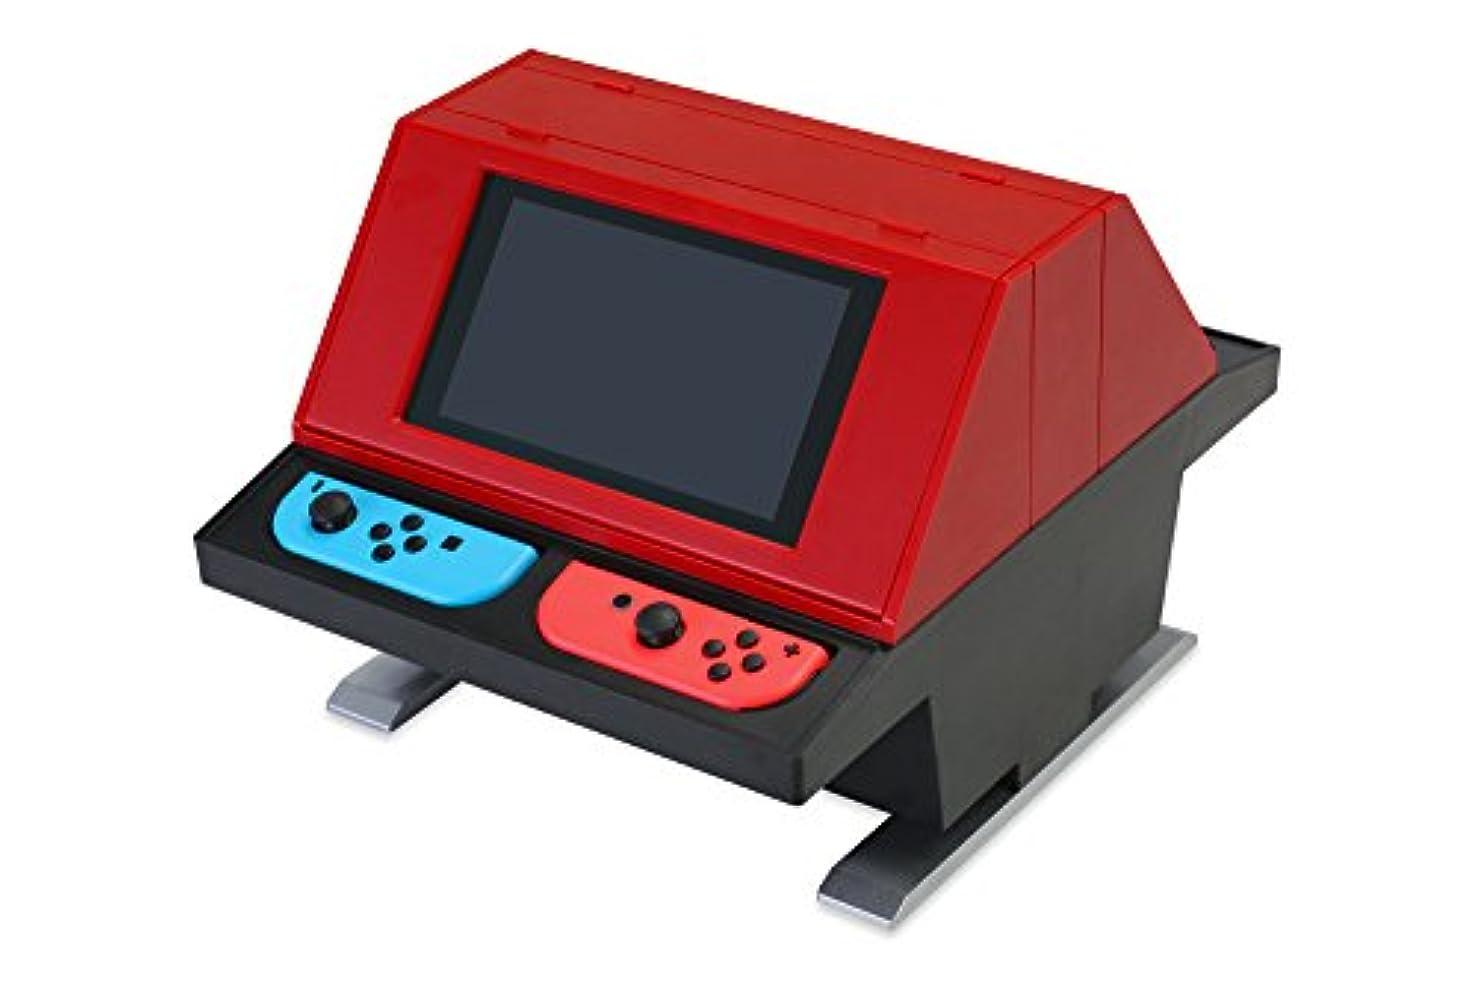 忍耐引き渡す周術期(Switch用) 対面型アーケードスタンド (レッド) - Switch